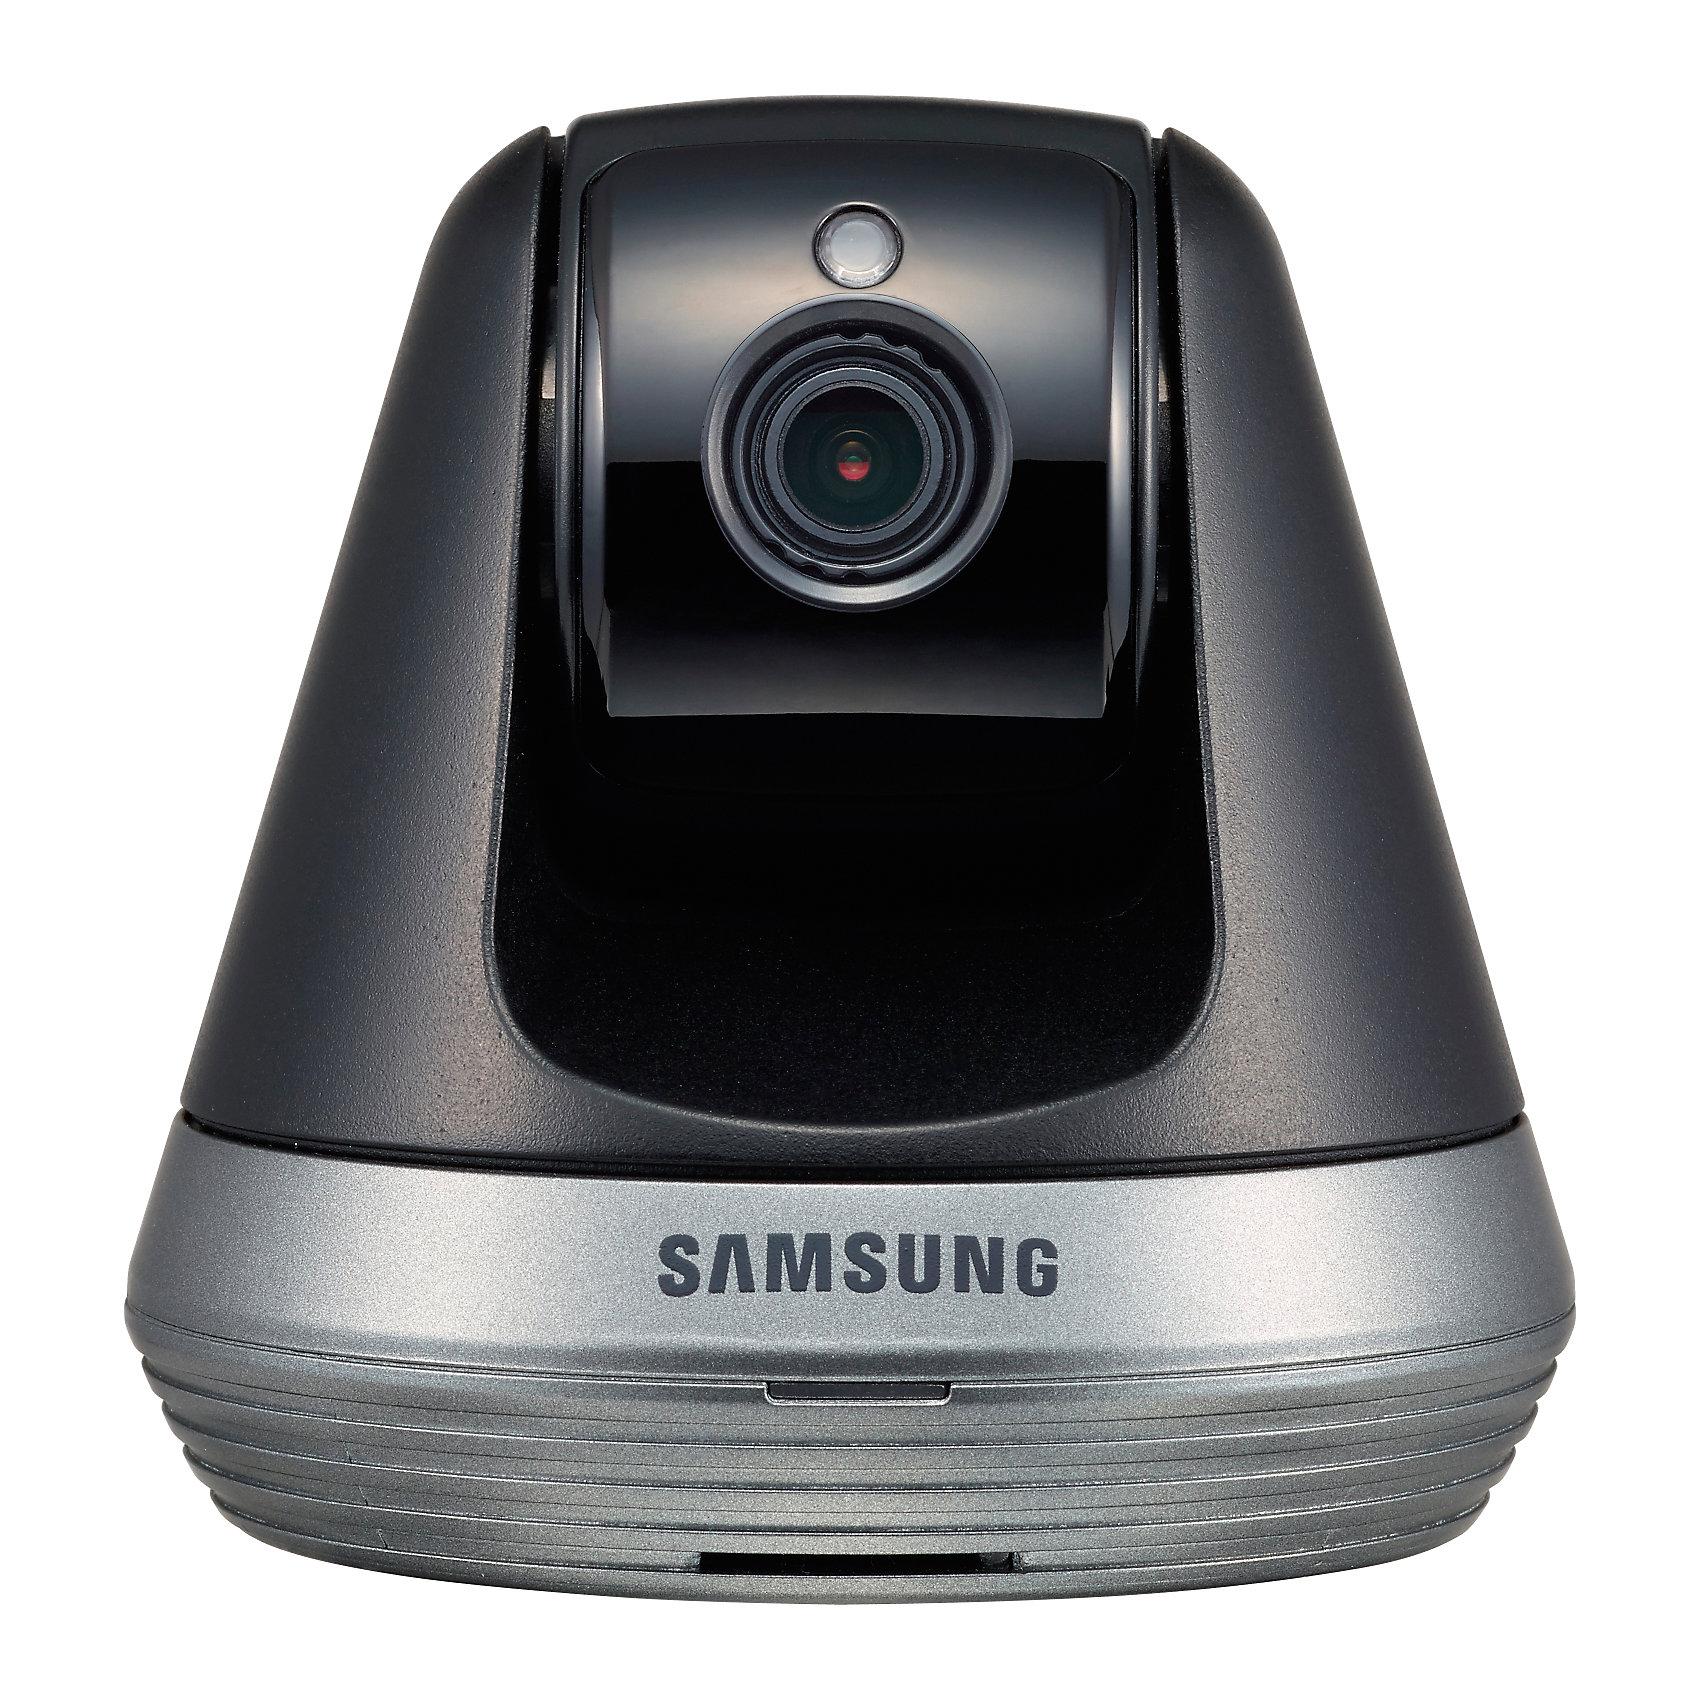 Видеоняня Wi-Fi SmartCam SNH-V6410PN, SamsungДетская бытовая техника<br>Видеоняня Wi-Fi SmartCam SNH-V6410PN, Samsung (Самсунг)<br><br>Характеристики:<br><br>• подходит для планшетов, смартфонов и компьютеров<br>• доступ из любой точки мира<br>• высокое качество изображения в формате Full HD 1080p<br>• автоматическое оповещение при плаче или движении<br>• автоматическое включение ночного видения<br>• несколько зон отслеживания<br>• удаленное управление поворотом камеры<br>• двухсторонняя связь<br>• возможность записи<br>• поддержка iOS 6 (или выше), Android, Windows, Mac<br>• регулировка наклона<br>• в комплекте: камера, адаптер, инструкция<br>• сеть: 802.11 b/g/n Wi-Fi<br>• размер камеры: 8,5х8,5х8,4 см<br>• размер упаковки: 24х10х10 см<br>• вес: 600 грамм<br><br>SNH-V6410PN - современная видеоняня, с которой вы всегда будете уверены в безопасности ребенка. Модель совместима с планшетами, компьютерами и смартфонами, практически с любой операционной системой. В случае обнаружения плача или движения видеоняня подает сигнал на ваше устройство. <br><br>В темное время суток включается режим ночного видения. Изображение в формате Full HD 1080p порадует вас качественной картинкой. Камера автоматически поворачивается, следуя за движением ребенка. Также, вы сможете управлять поворотом камеры со своего мобильного устройства.<br><br>Видеоняня оснащена возможностью записи видео и фото.  Есть слот для карты памяти SDXC. Камера оснащена автоматической компенсацией изображения при повышенной яркости.<br><br>Видеоняню Wi-Fi SmartCam SNH-V6410PN, Samsung (Самсунг) можно купить в нашем интернет-магазине.<br><br>Ширина мм: 100<br>Глубина мм: 240<br>Высота мм: 90<br>Вес г: 1001<br>Возраст от месяцев: 0<br>Возраст до месяцев: 1188<br>Пол: Унисекс<br>Возраст: Детский<br>SKU: 5516700